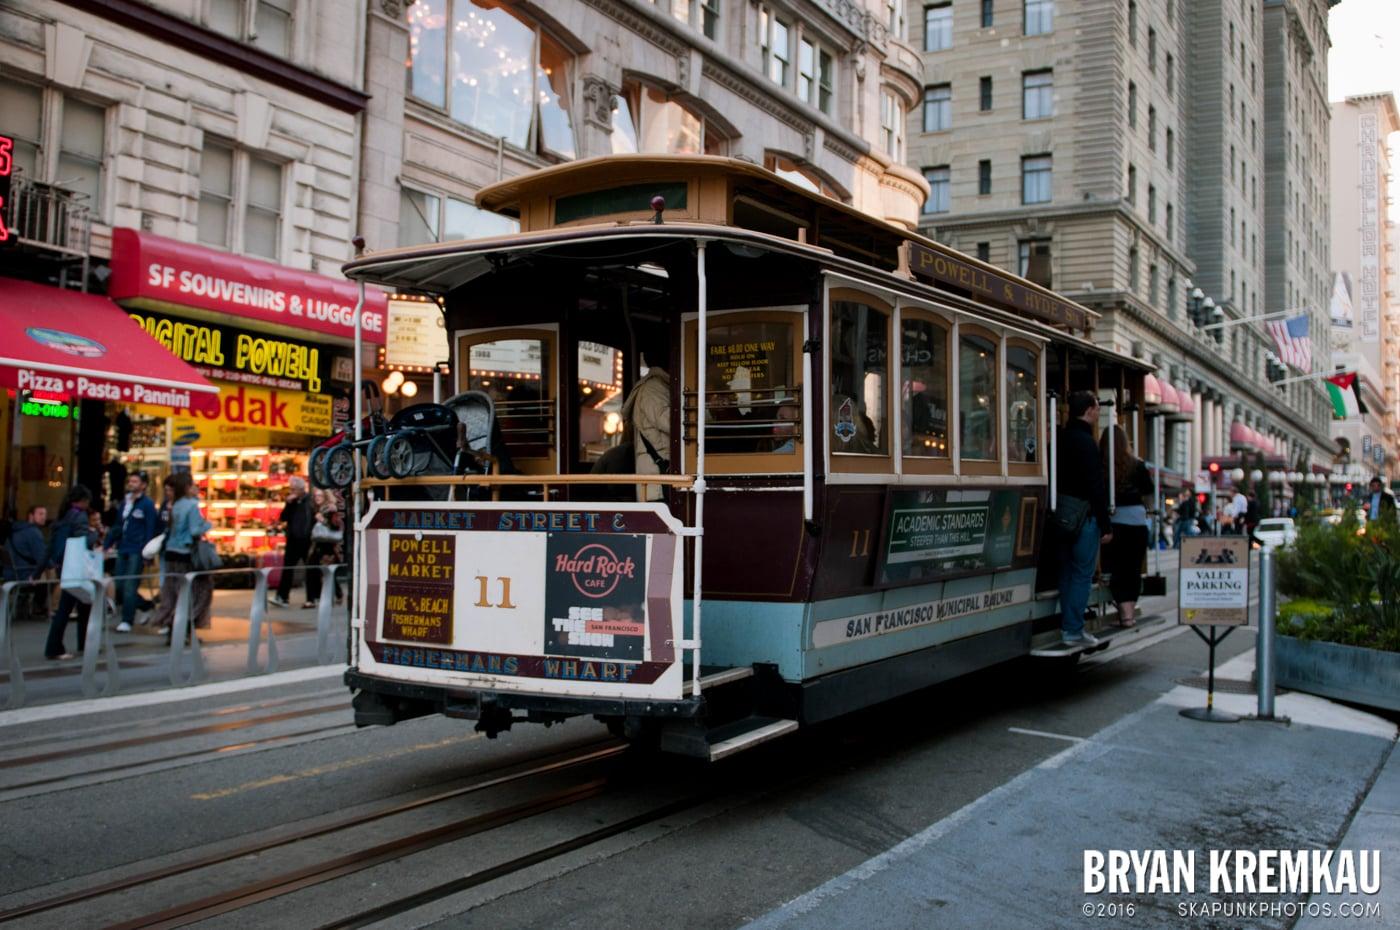 San Francisco Vacation - Day 1 - 4.28.12 (3)